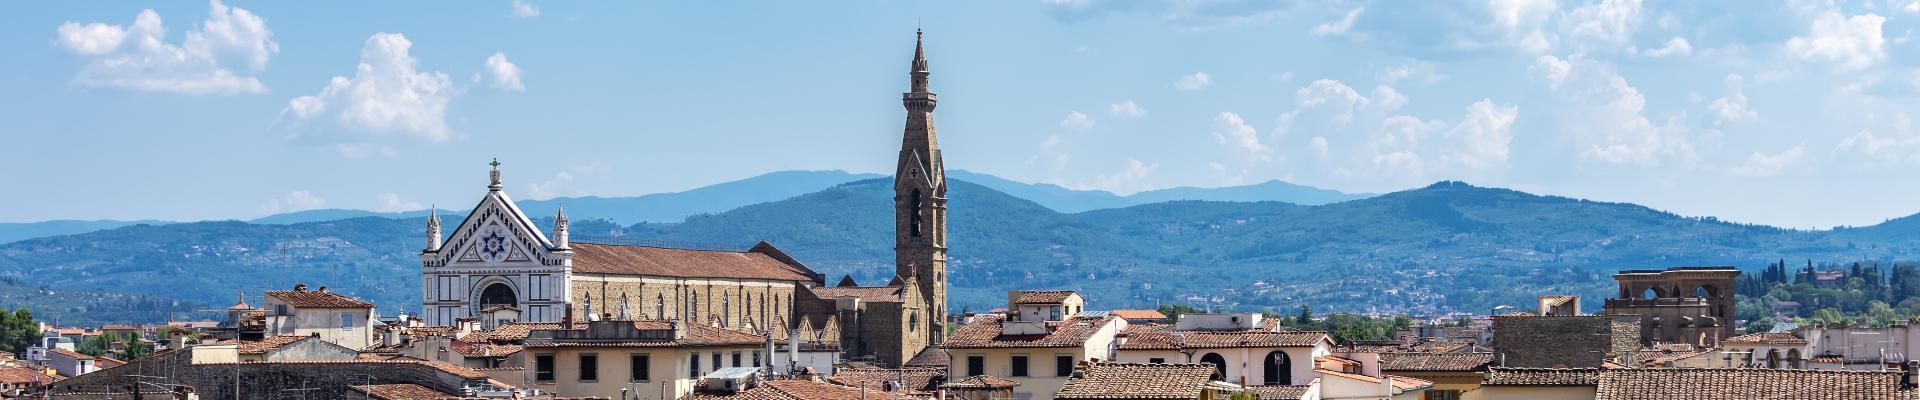 Firenze,panorama con Santa Croce